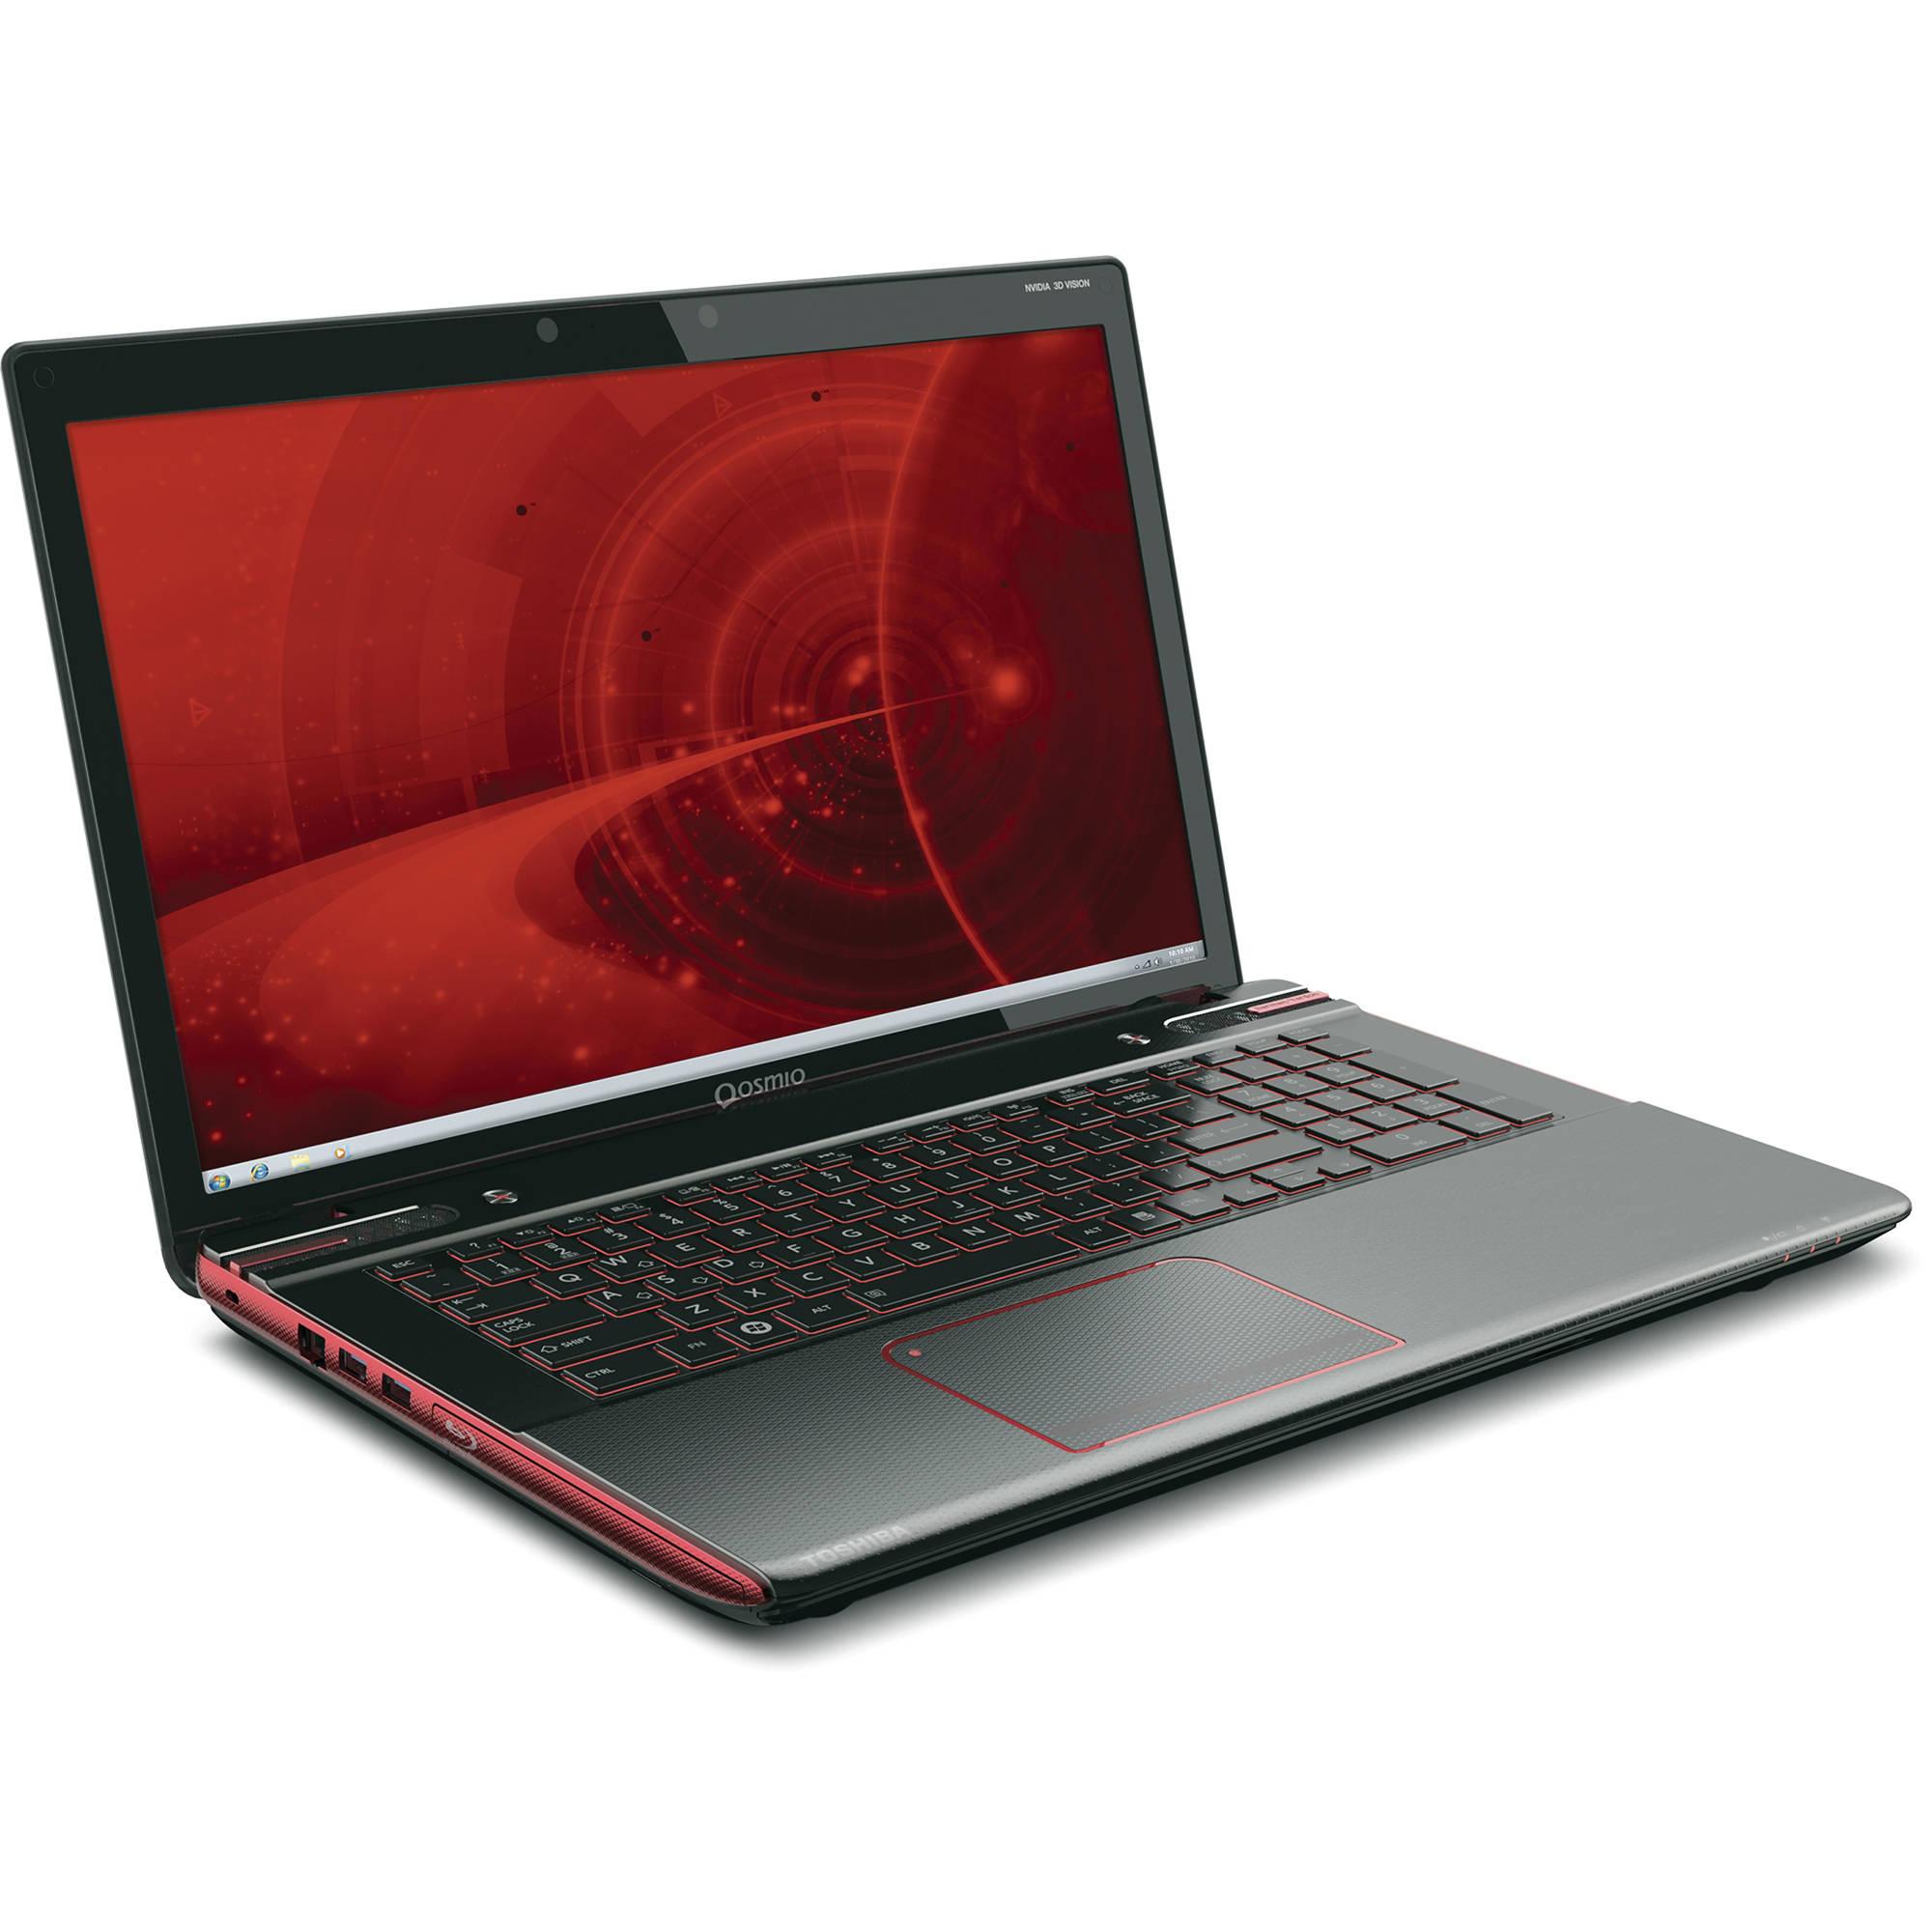 Toshiba Qosmio X870 Webcam 64 BIT